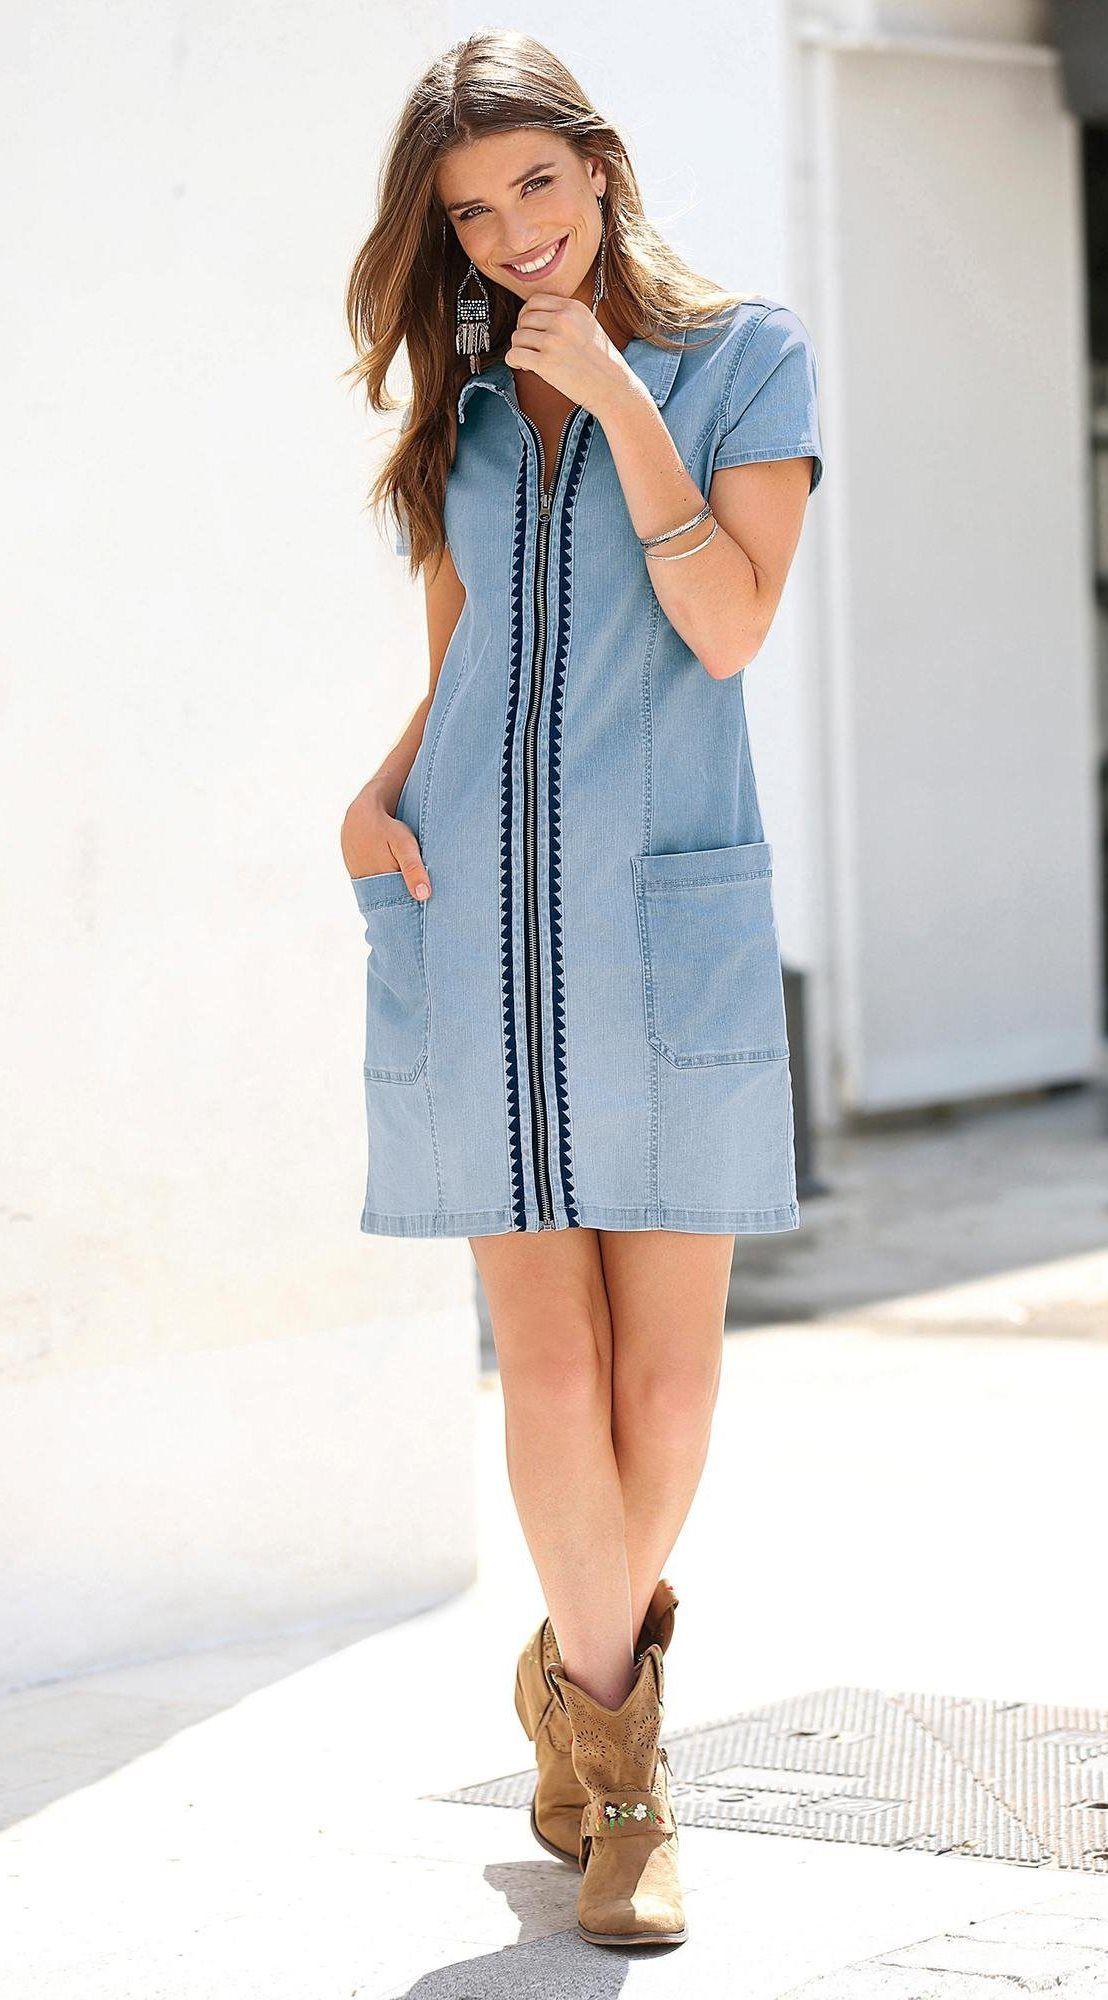 6b3b275b7f0 Robe chemise zippée manches courtes broderie femme Exclusivité 3SUISSES -  Bleu Ciel